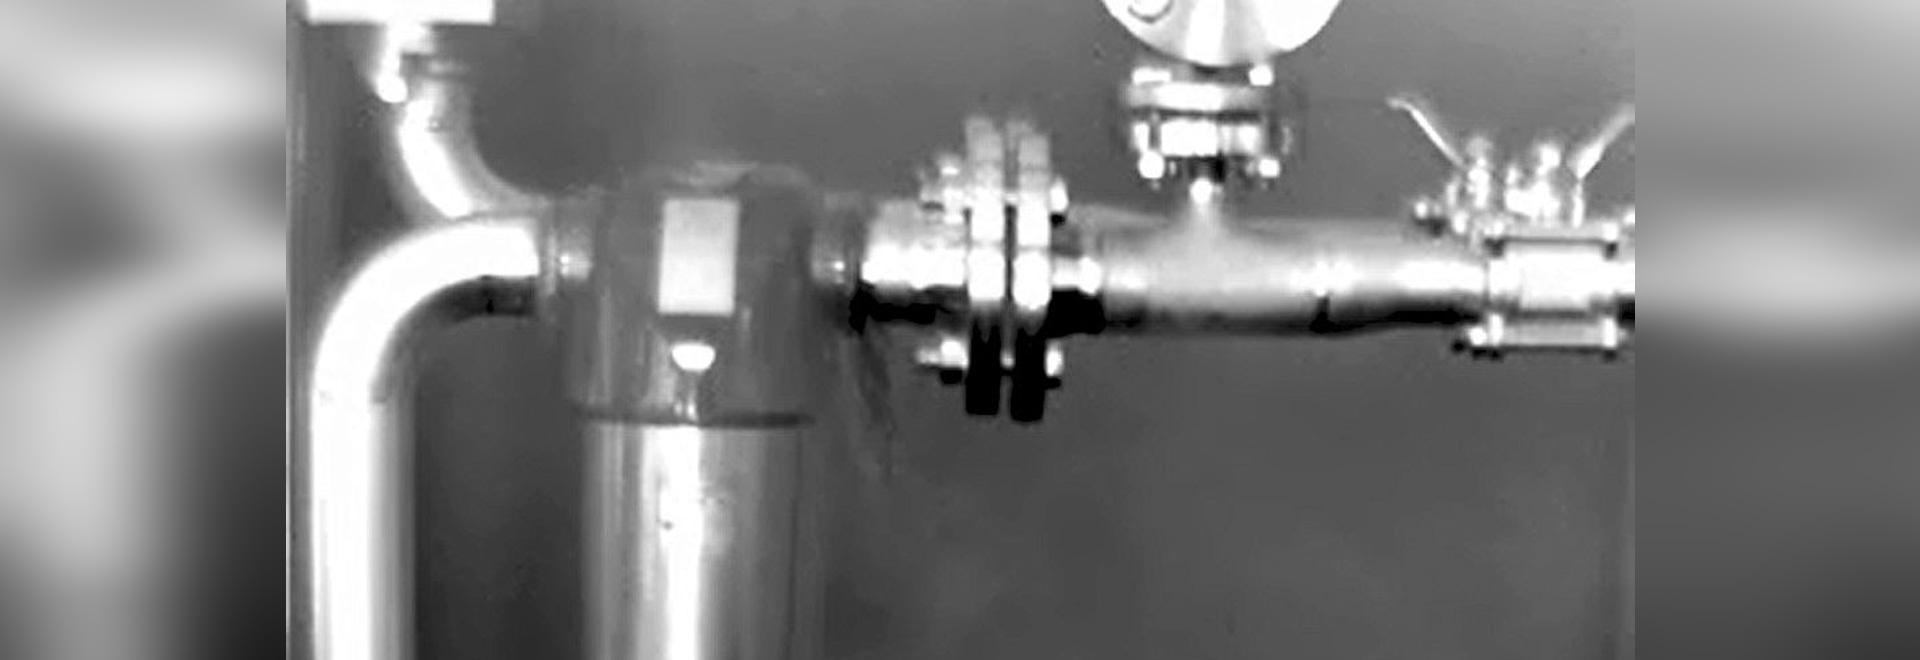 FLIR GF343 détecte les fuites Hard-to-find d'anhydride carbonique